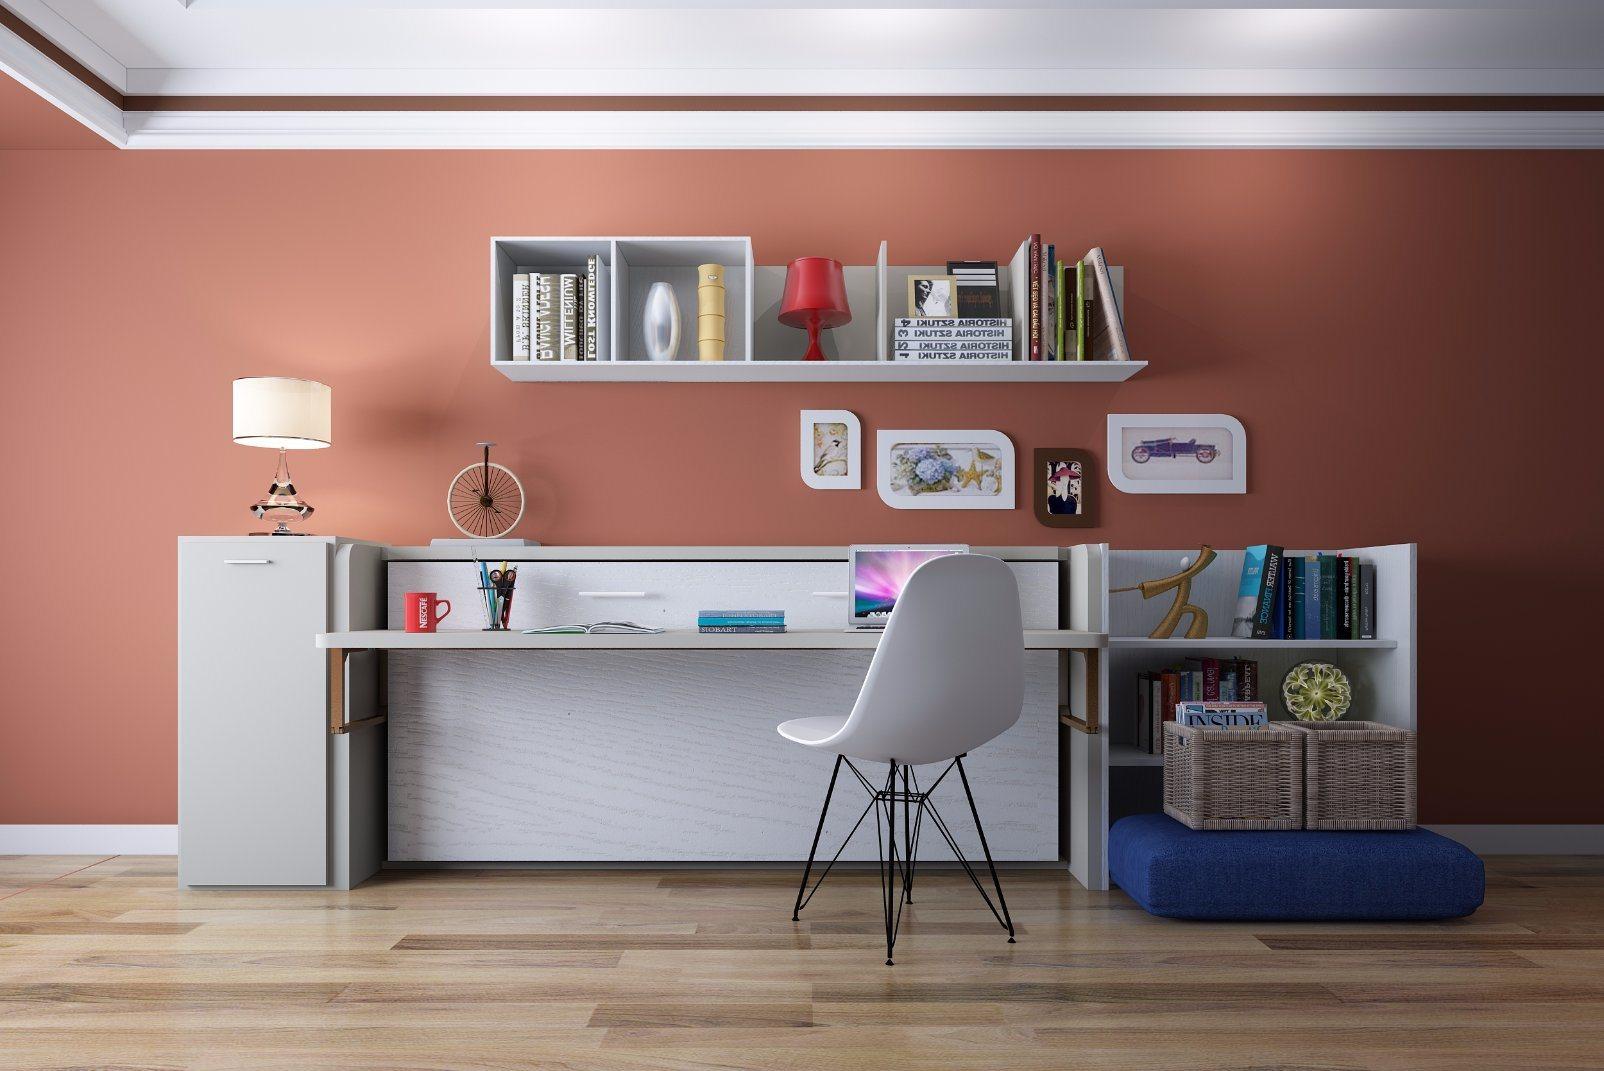 Bed In Woonkamer : Het bed van de muur van de bank van de woonkamer met het schrijven